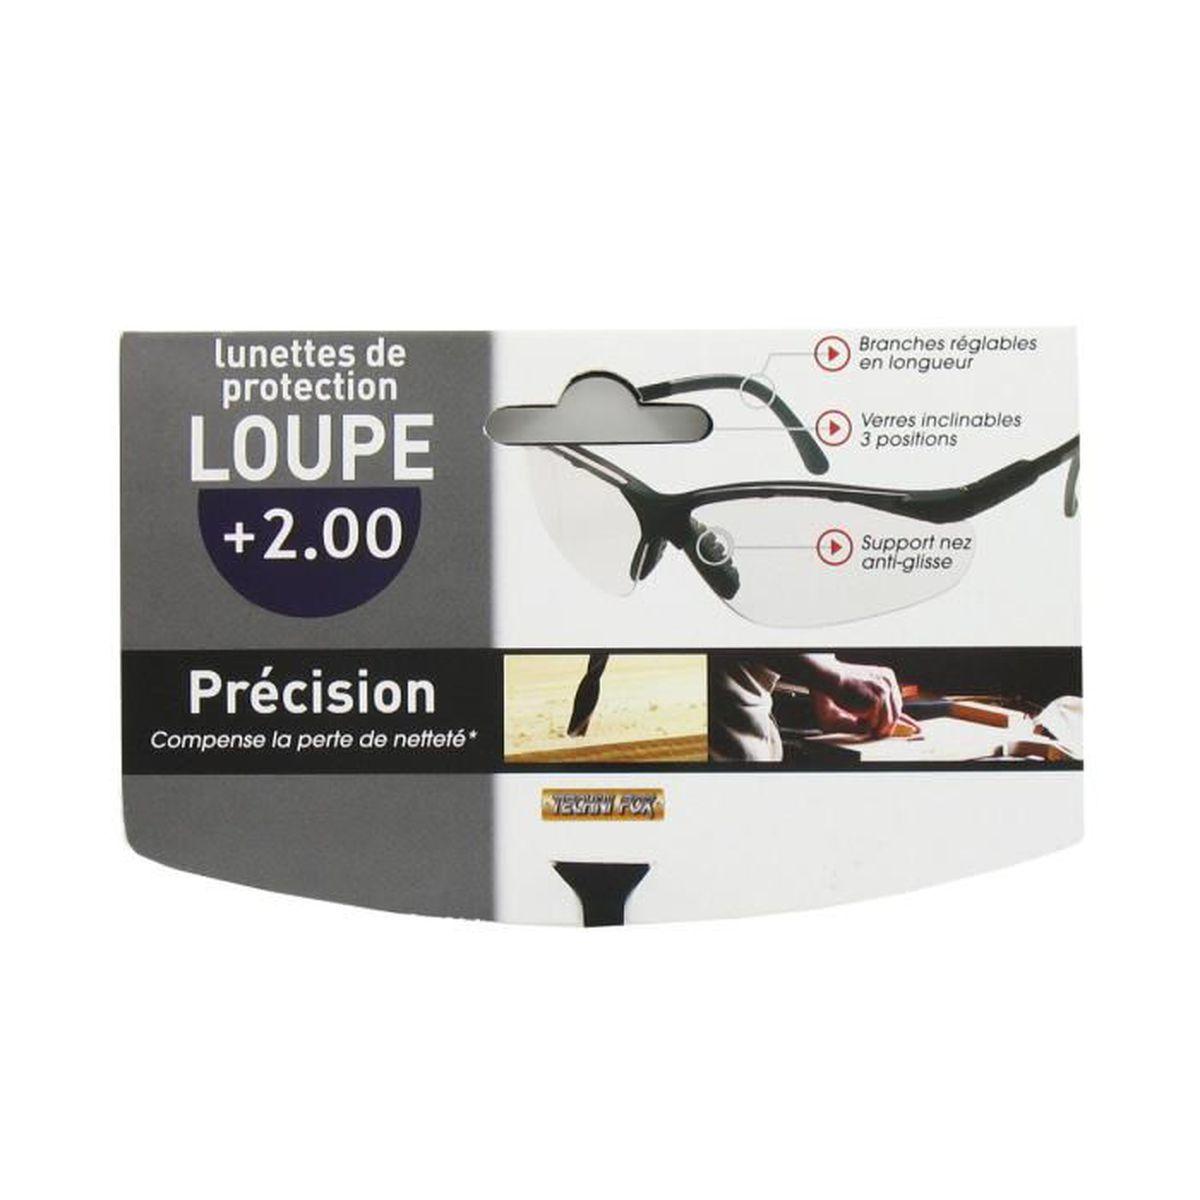 Lunette de protection loupe précision 2.00